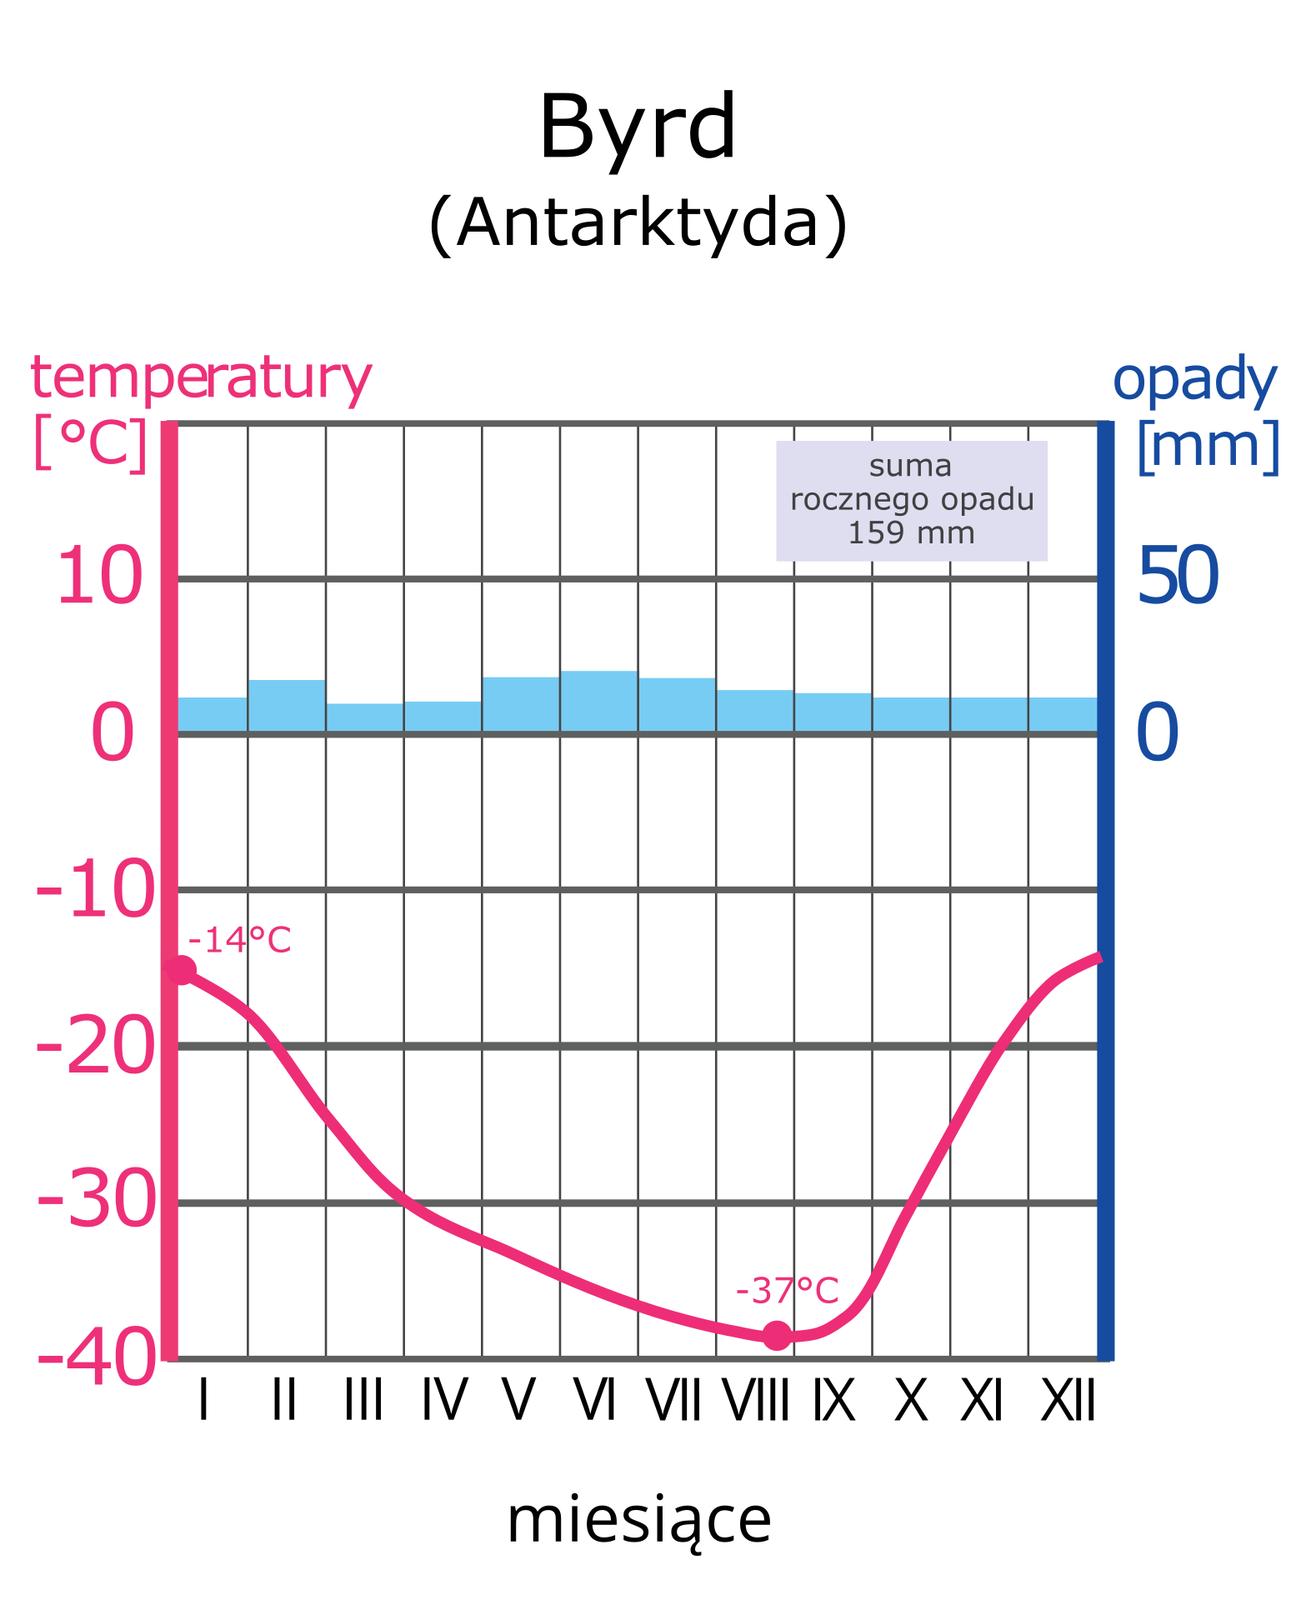 Na ilustracji diagram klimatyczny. Niebieski wykres słupkowy – opady, 159 milimetrów rocznie, nieco większe od maja do lipca. Czerwony wykres liniowy – temperatura, minimum – minus 37 stopni wsierpniu, maksimum – minus 14 stopni wgrudniu.